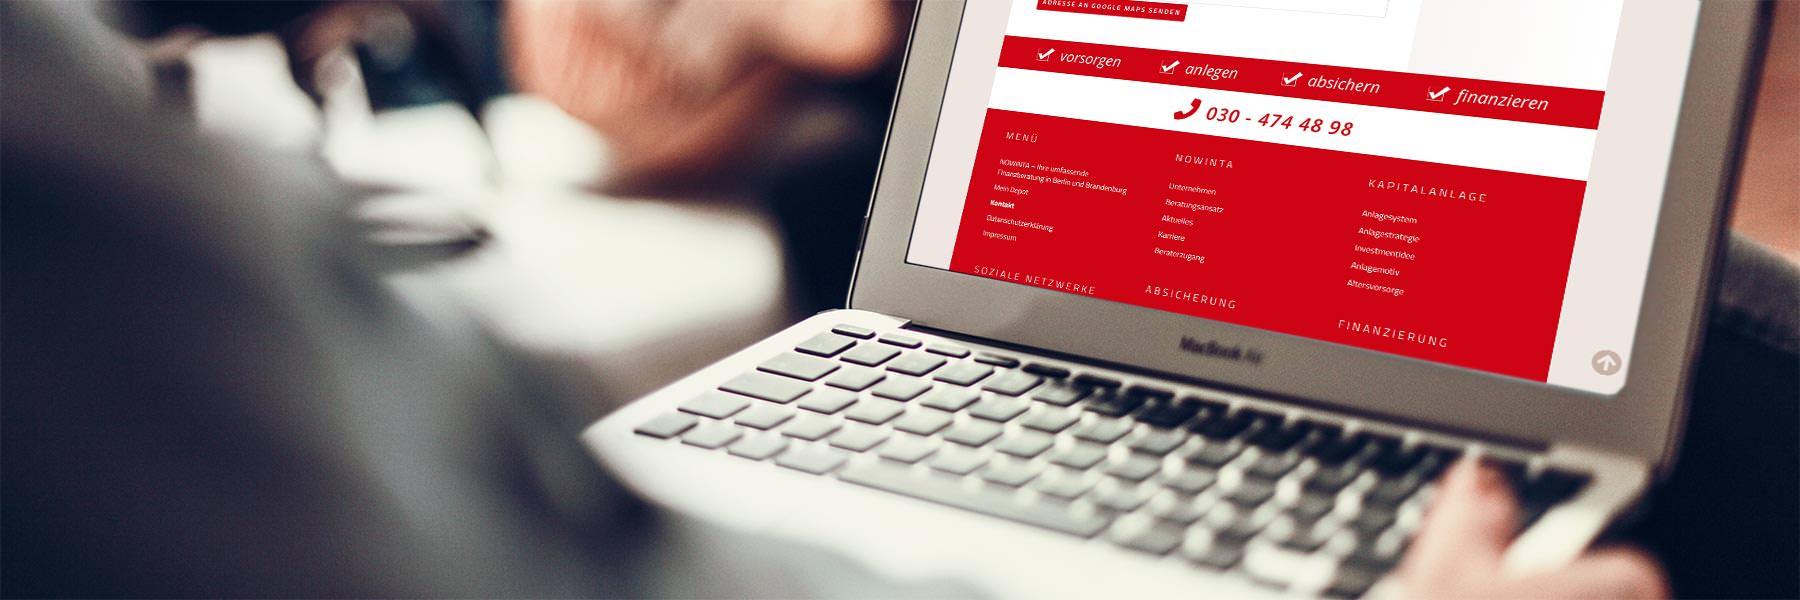 neue Webseite jetzt online